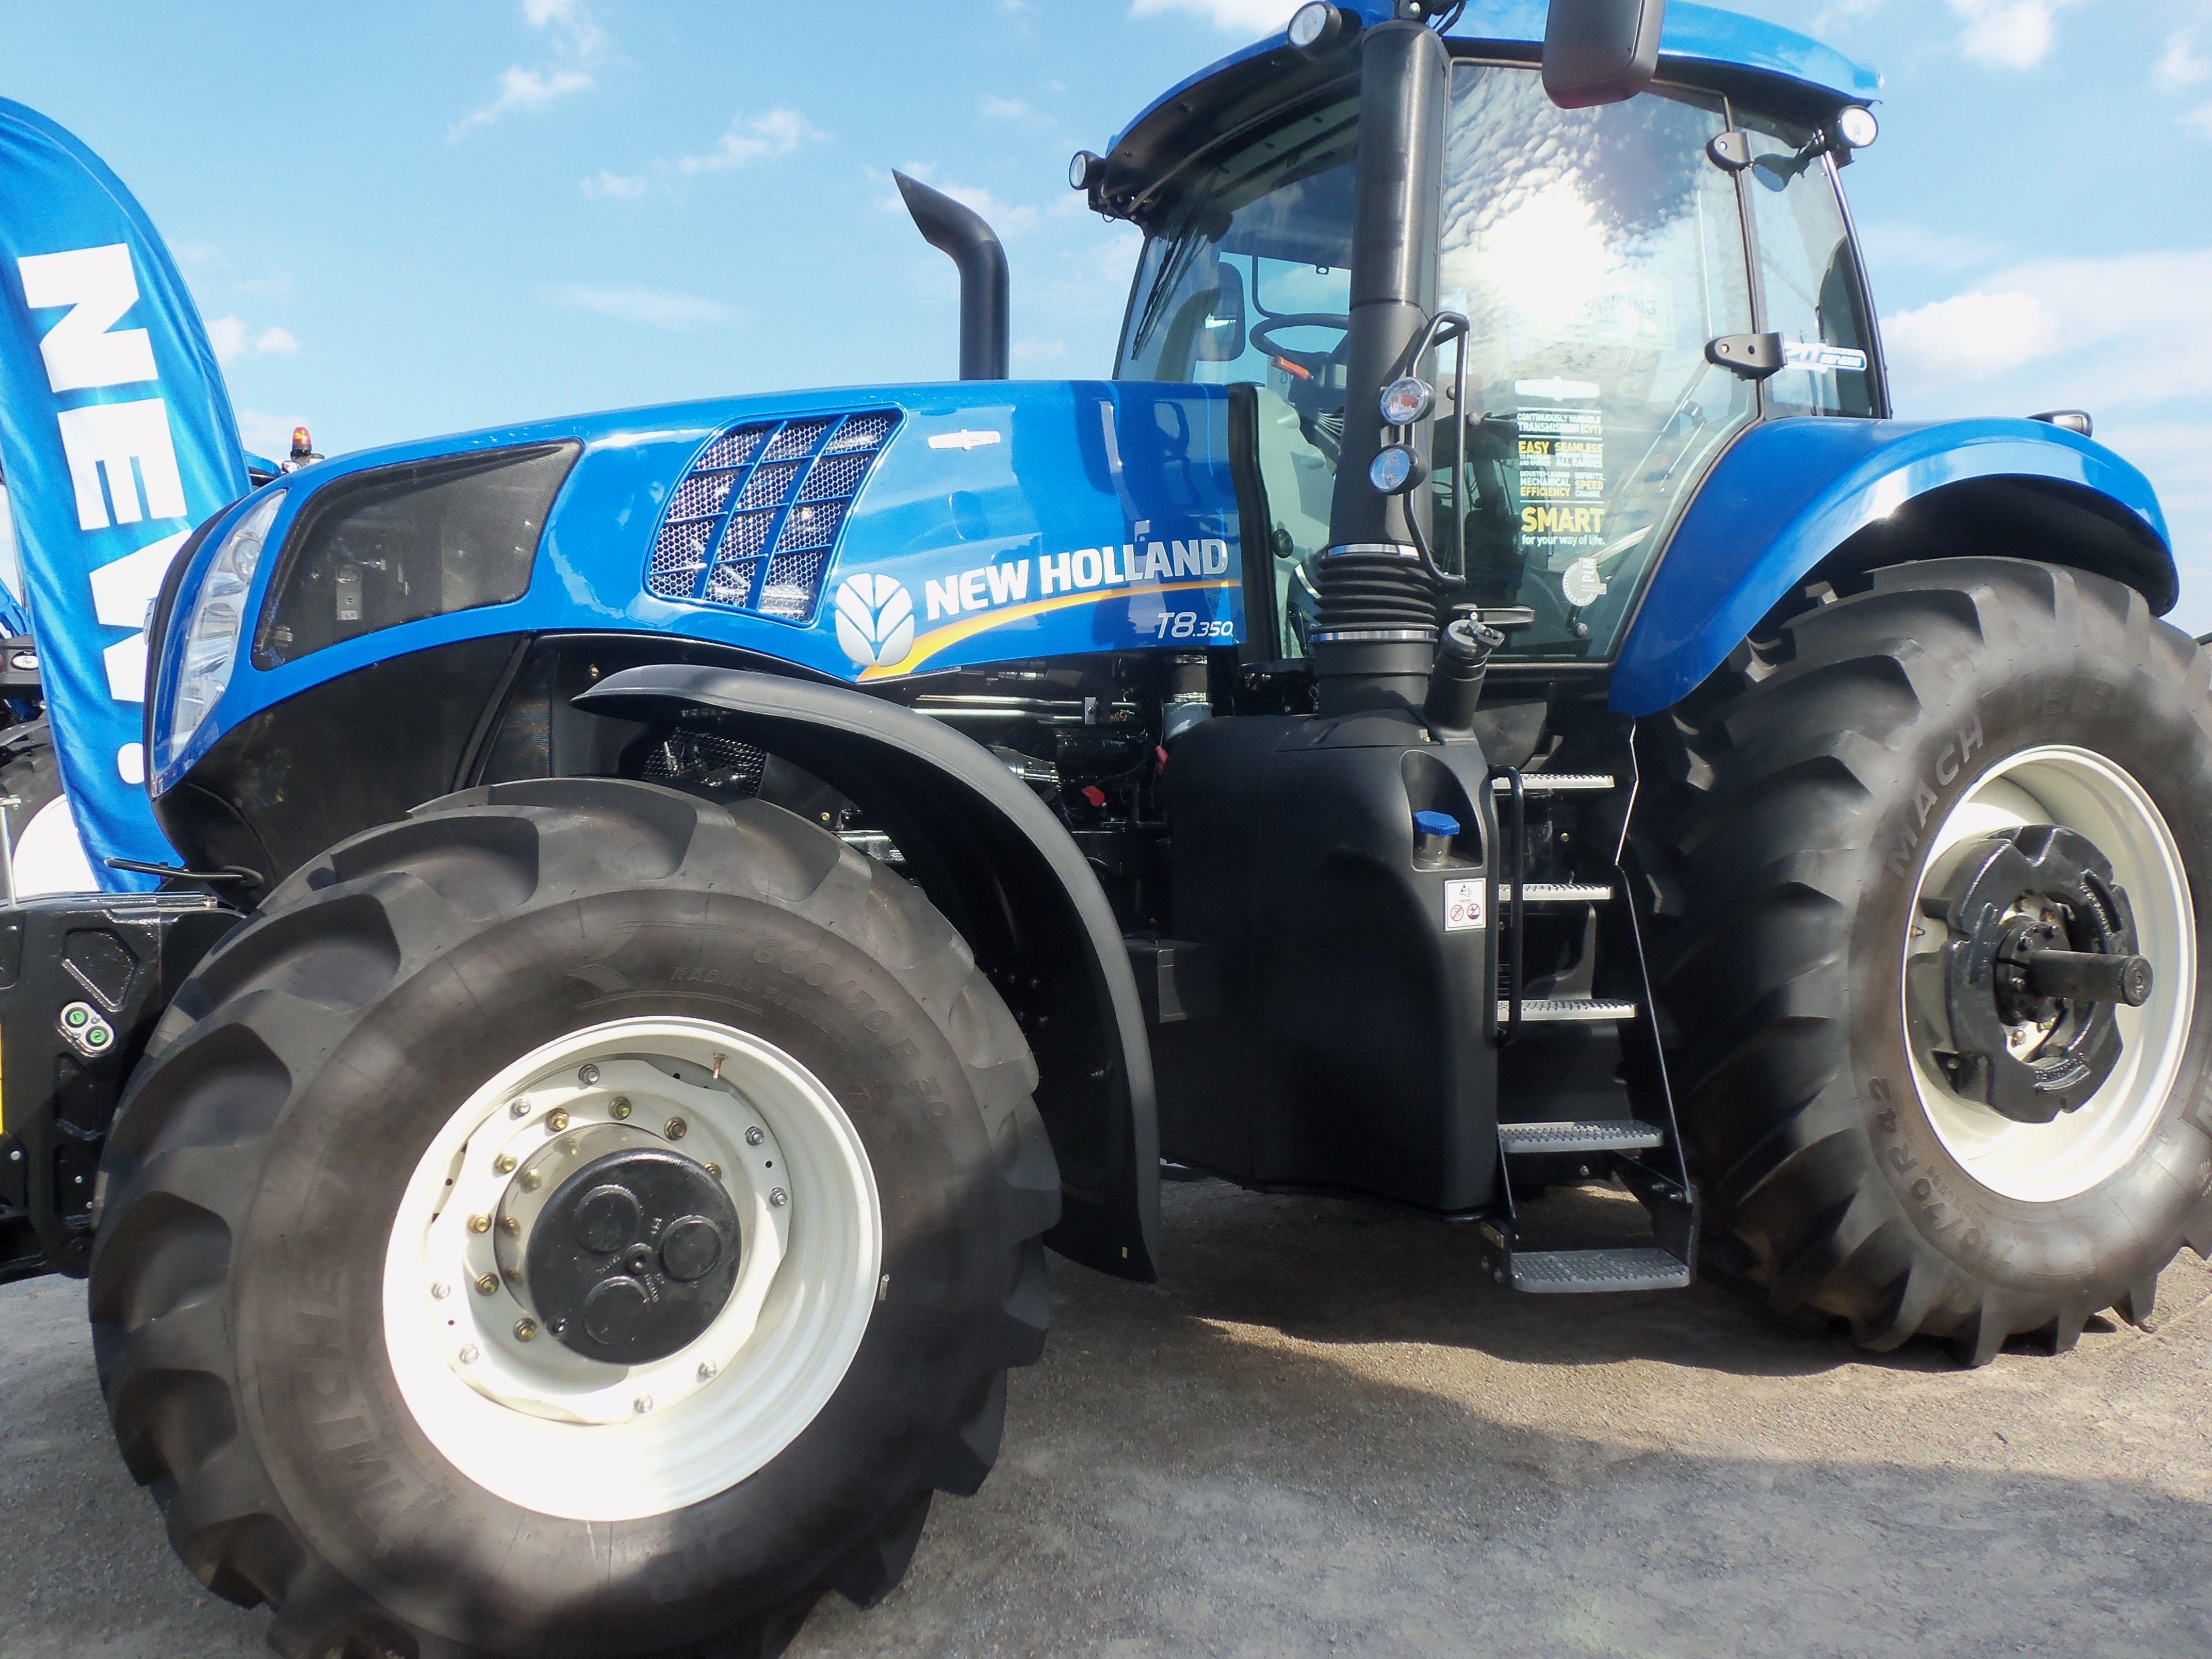 New New Holland T8 350 Landmaschinen Traktoren Schlepper